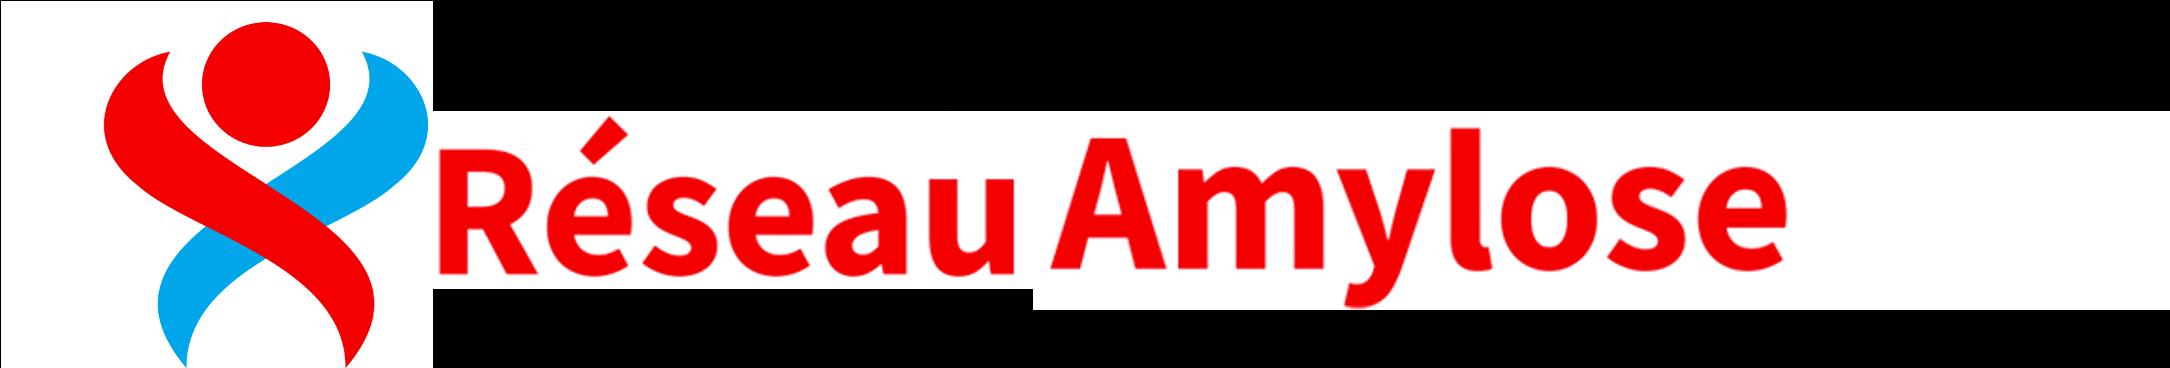 Réseau Amylose Site soignant